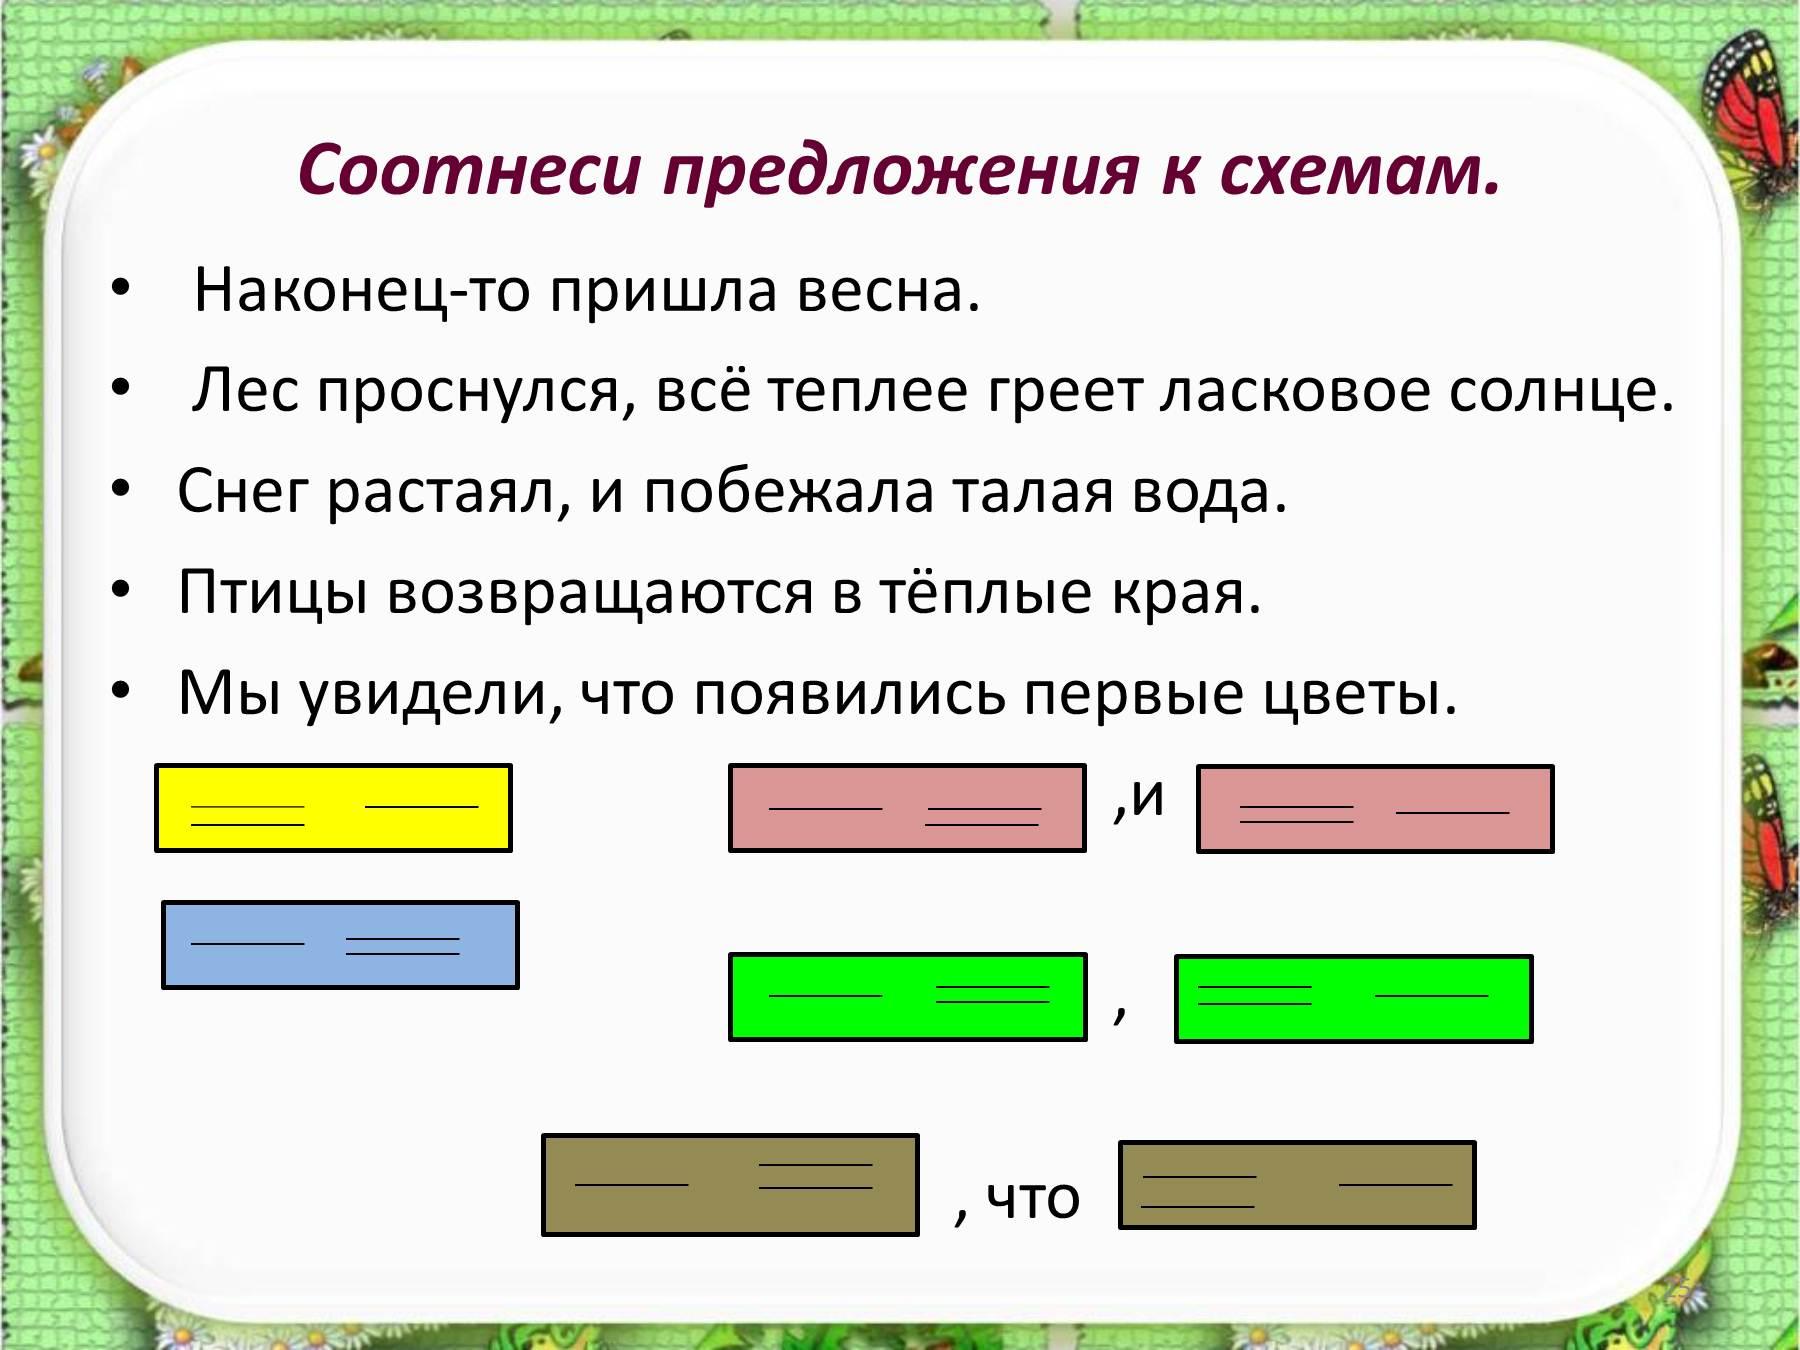 презентация к уроку сложноподчиненное предложение